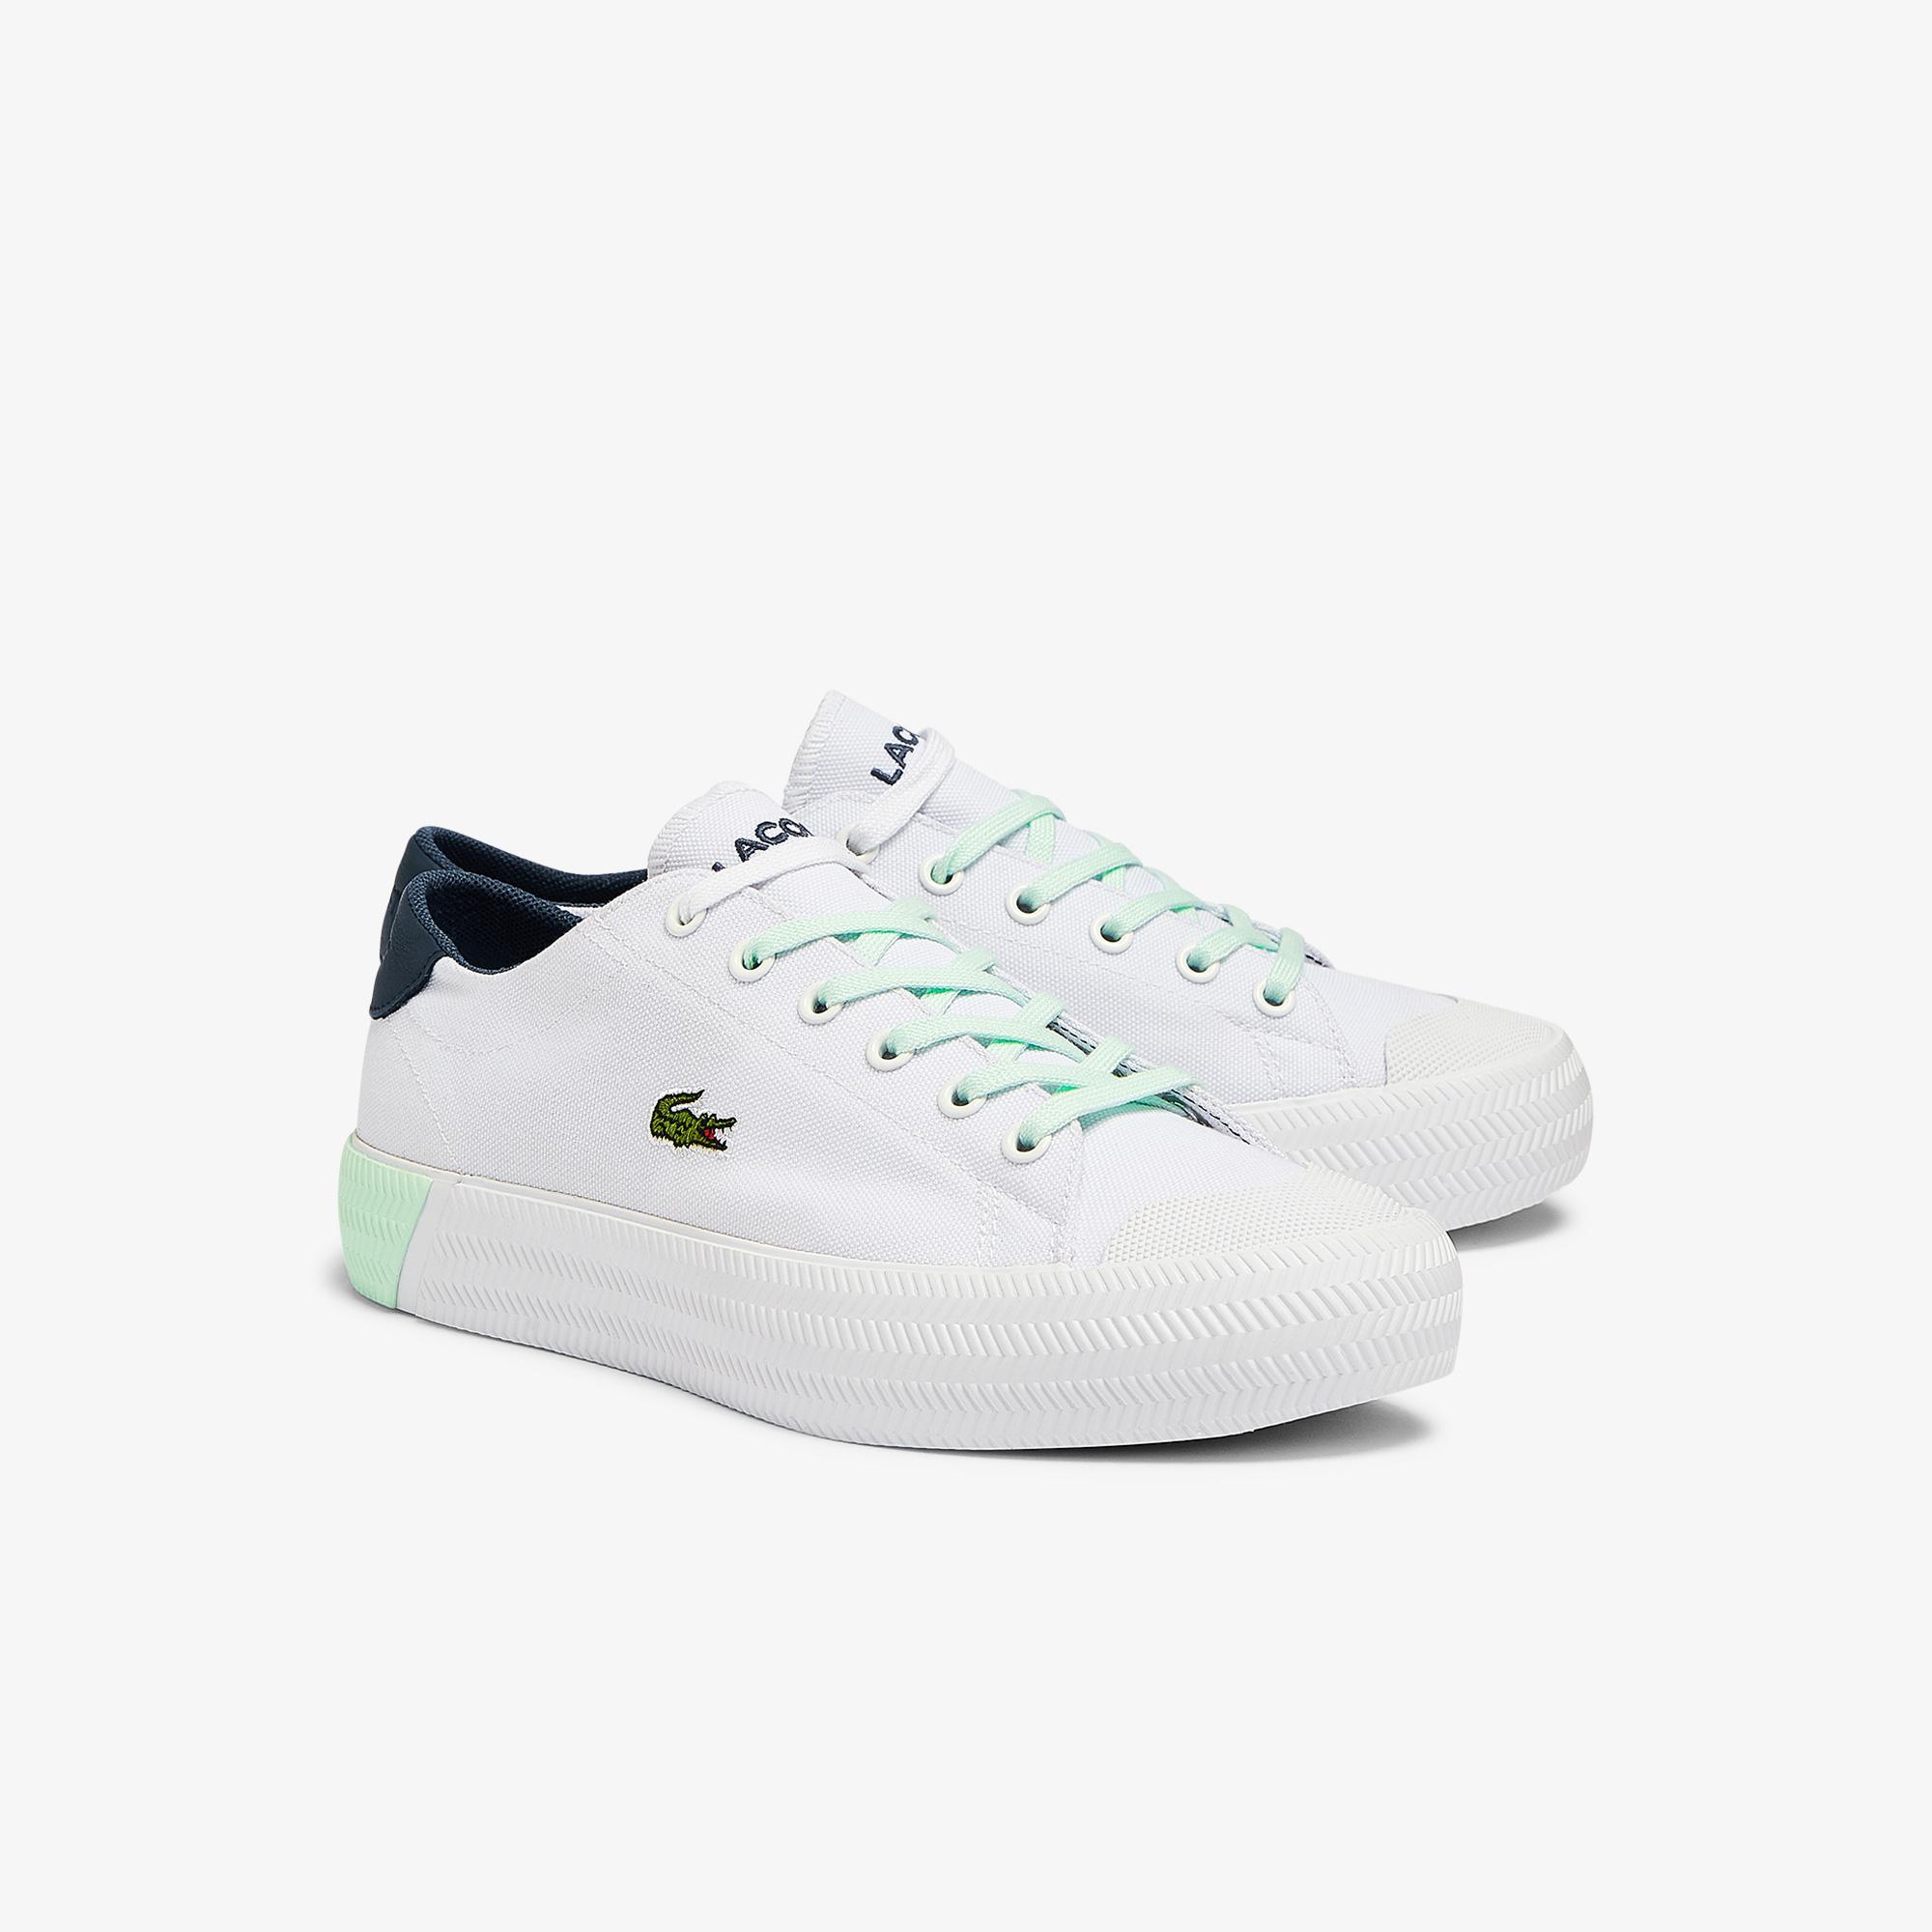 Lacoste Gripshot 0721 6 Cfa Kadın Beyaz - Mavi Sneaker